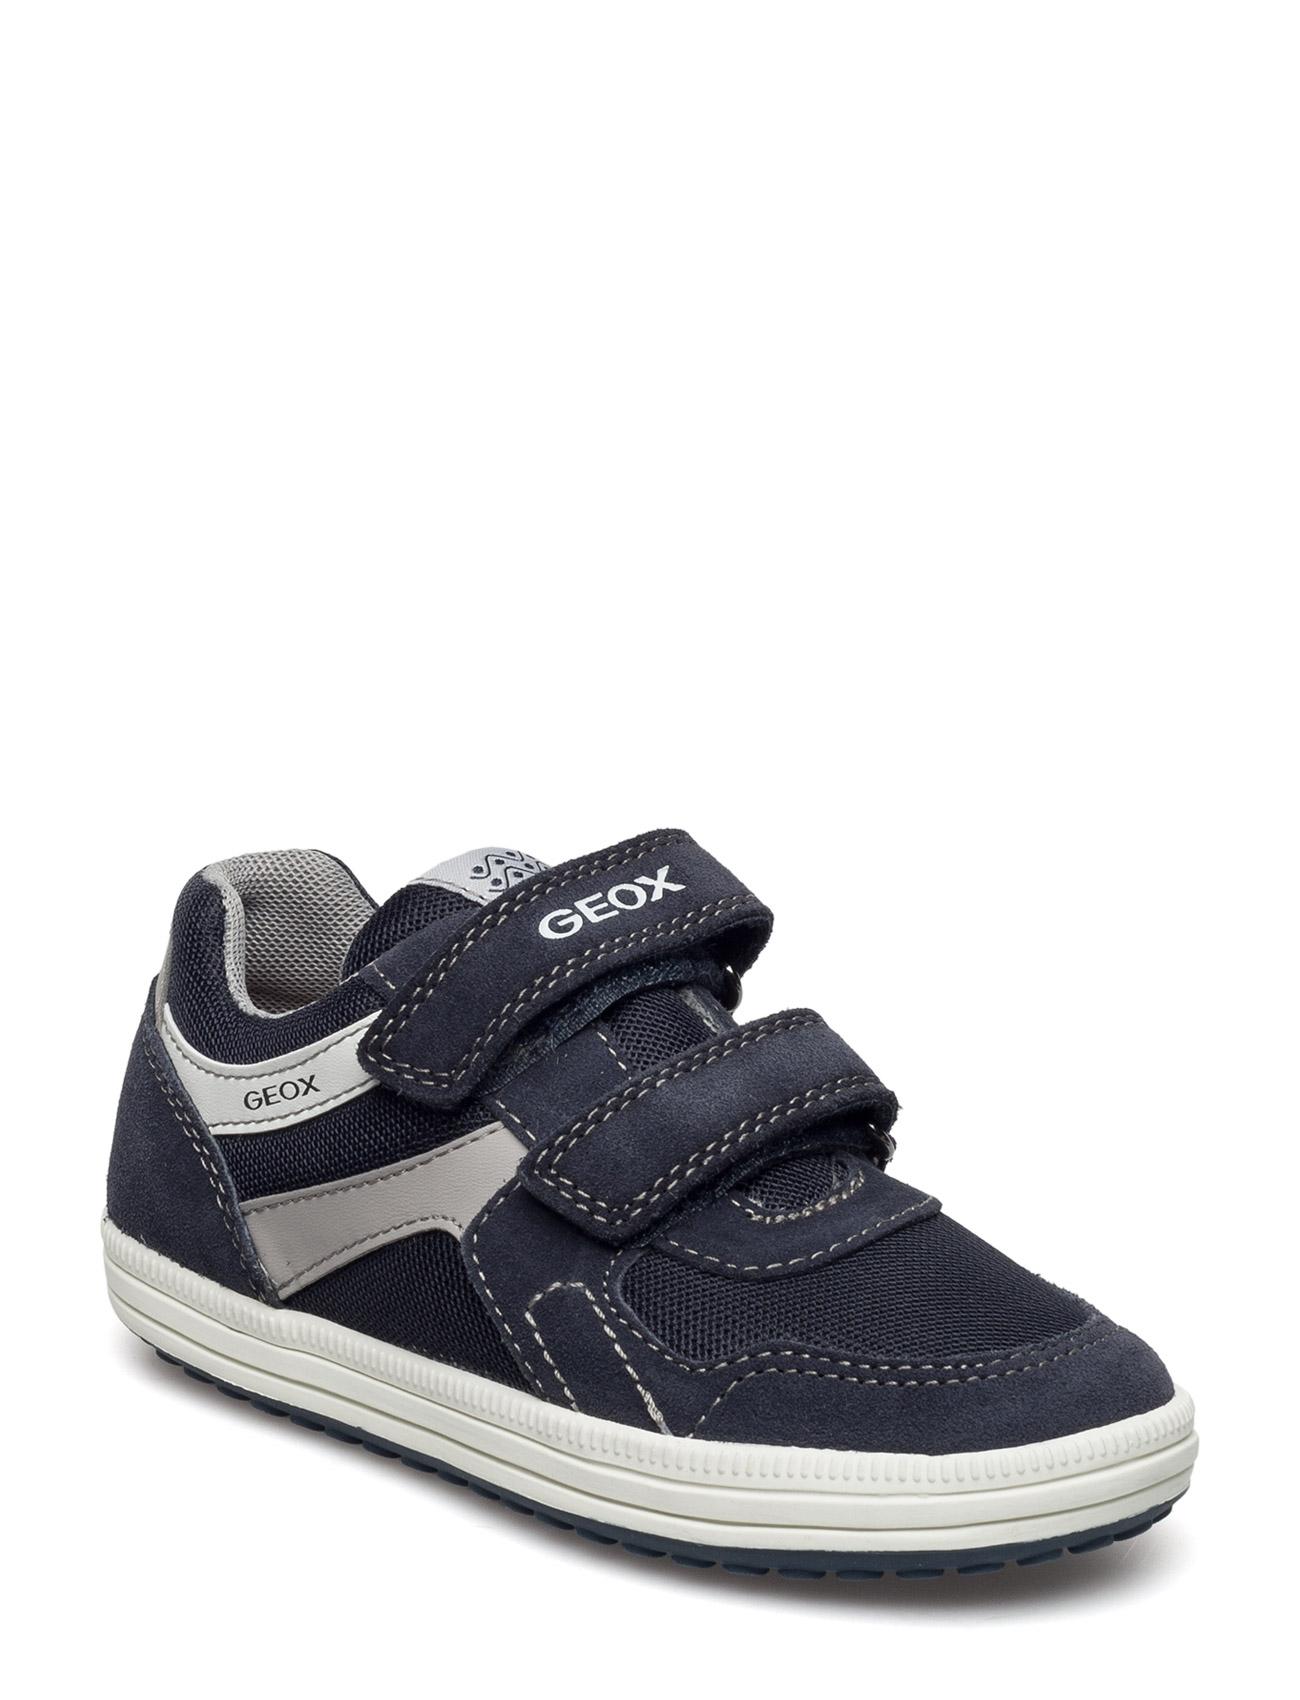 Jr Vita GEOX Sko & Sneakers til Børn i